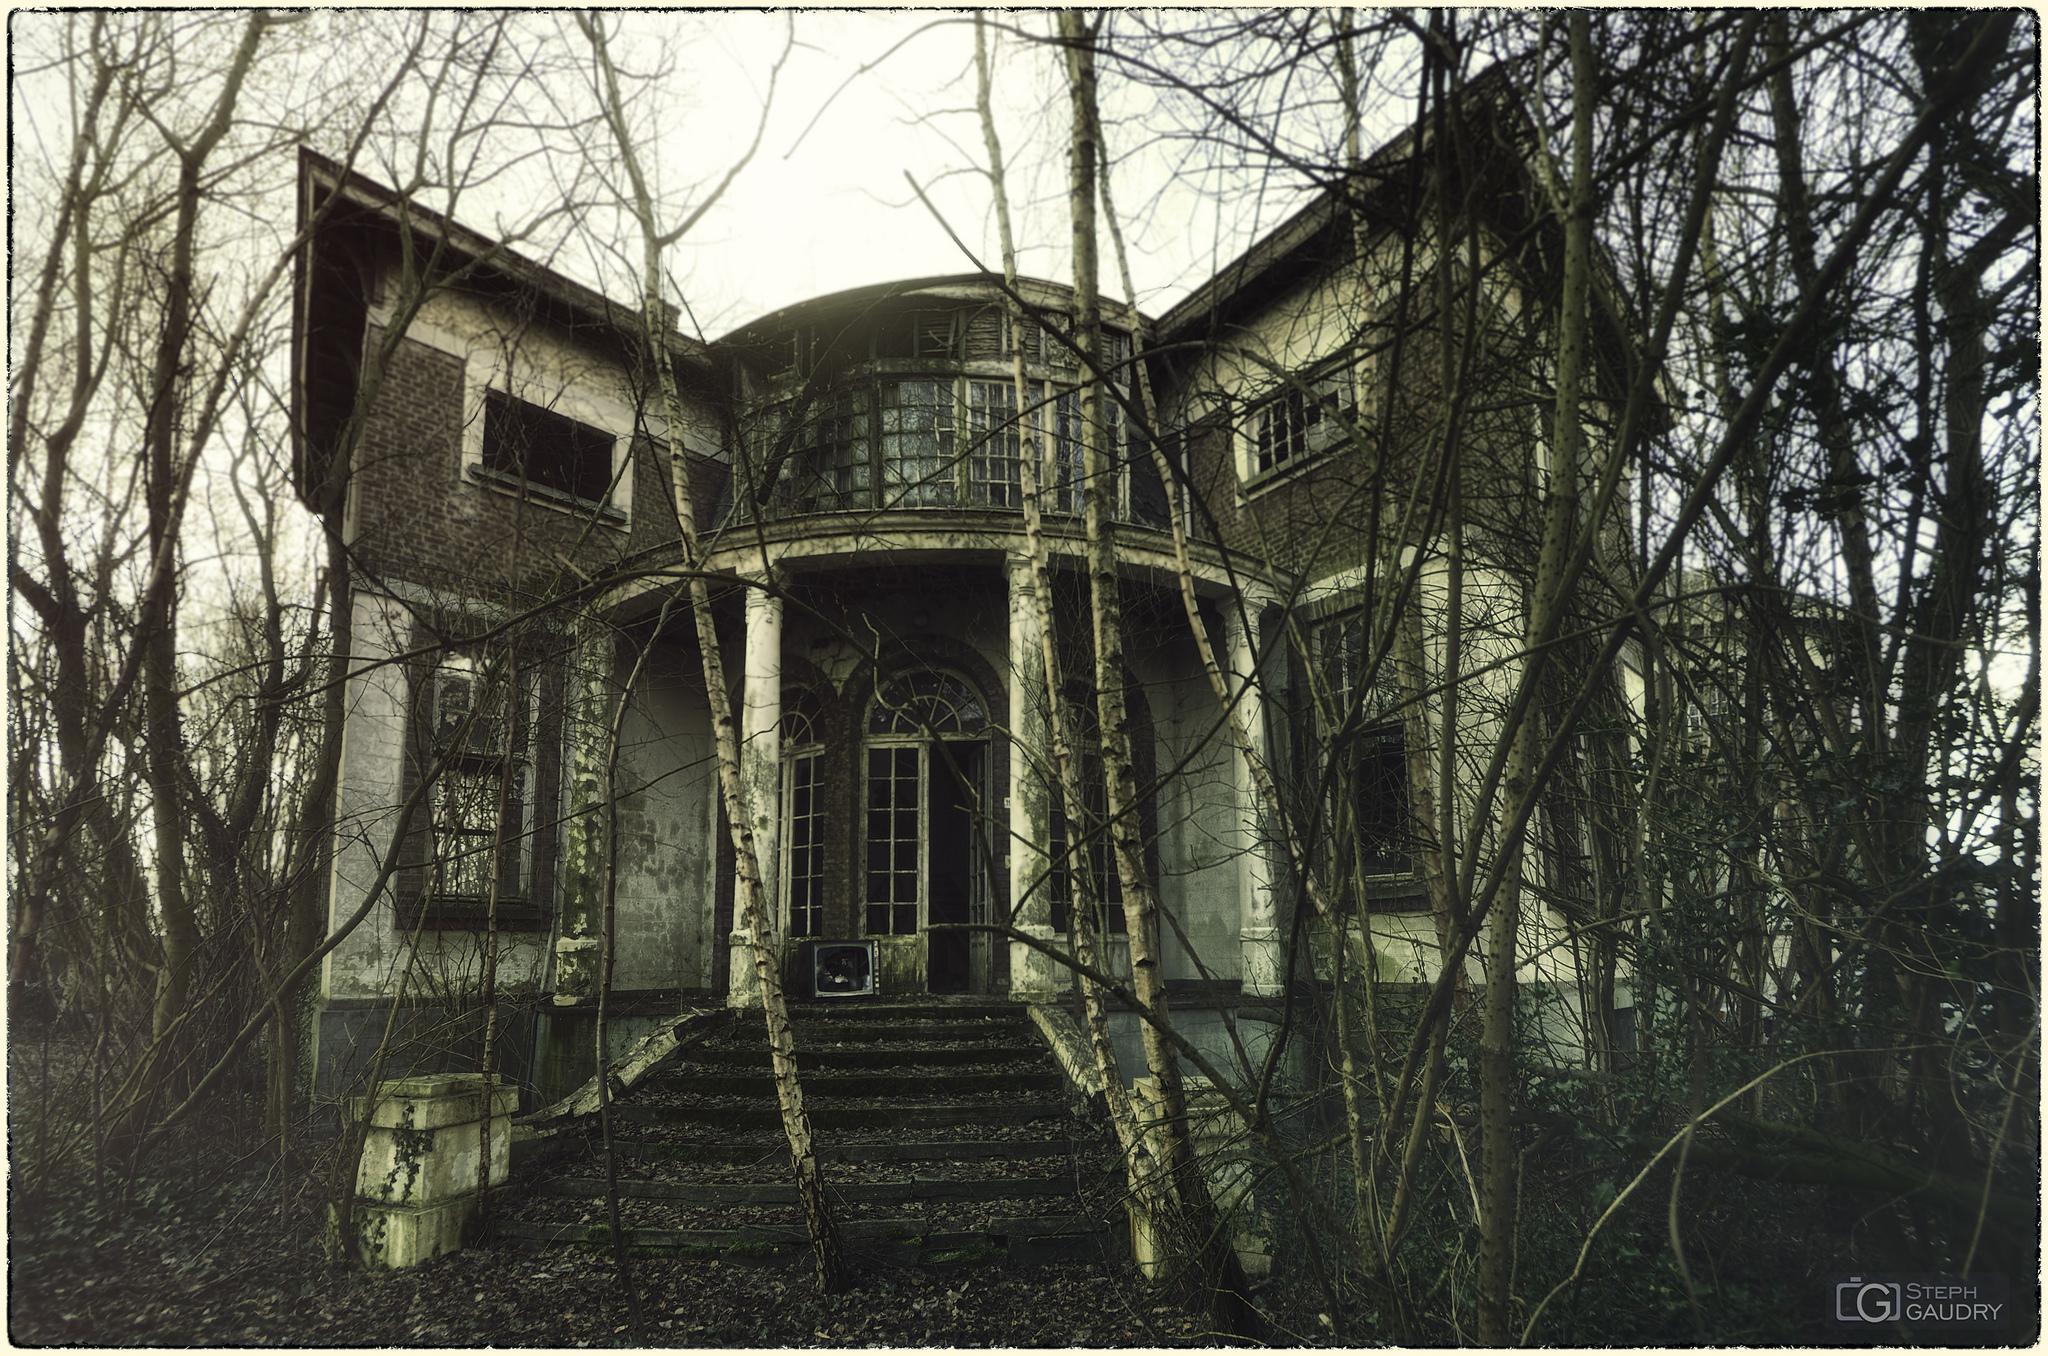 Haunted house - Villa 19 [Klik om de diavoorstelling te starten]